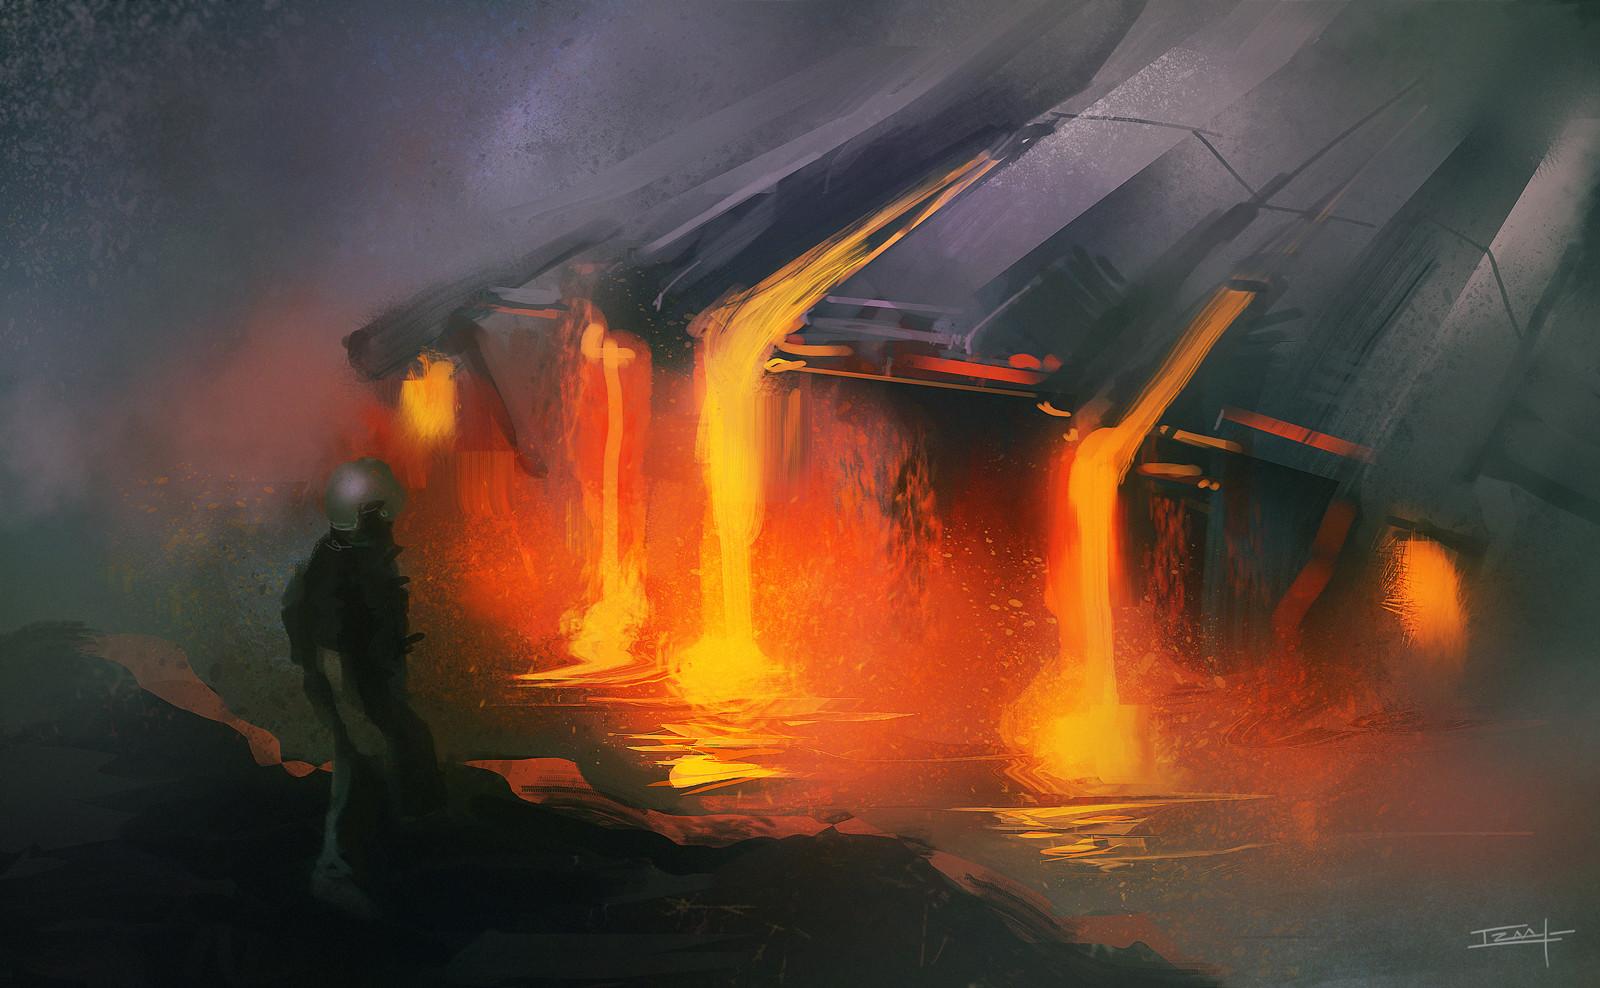 Izaak moody inside the volcano